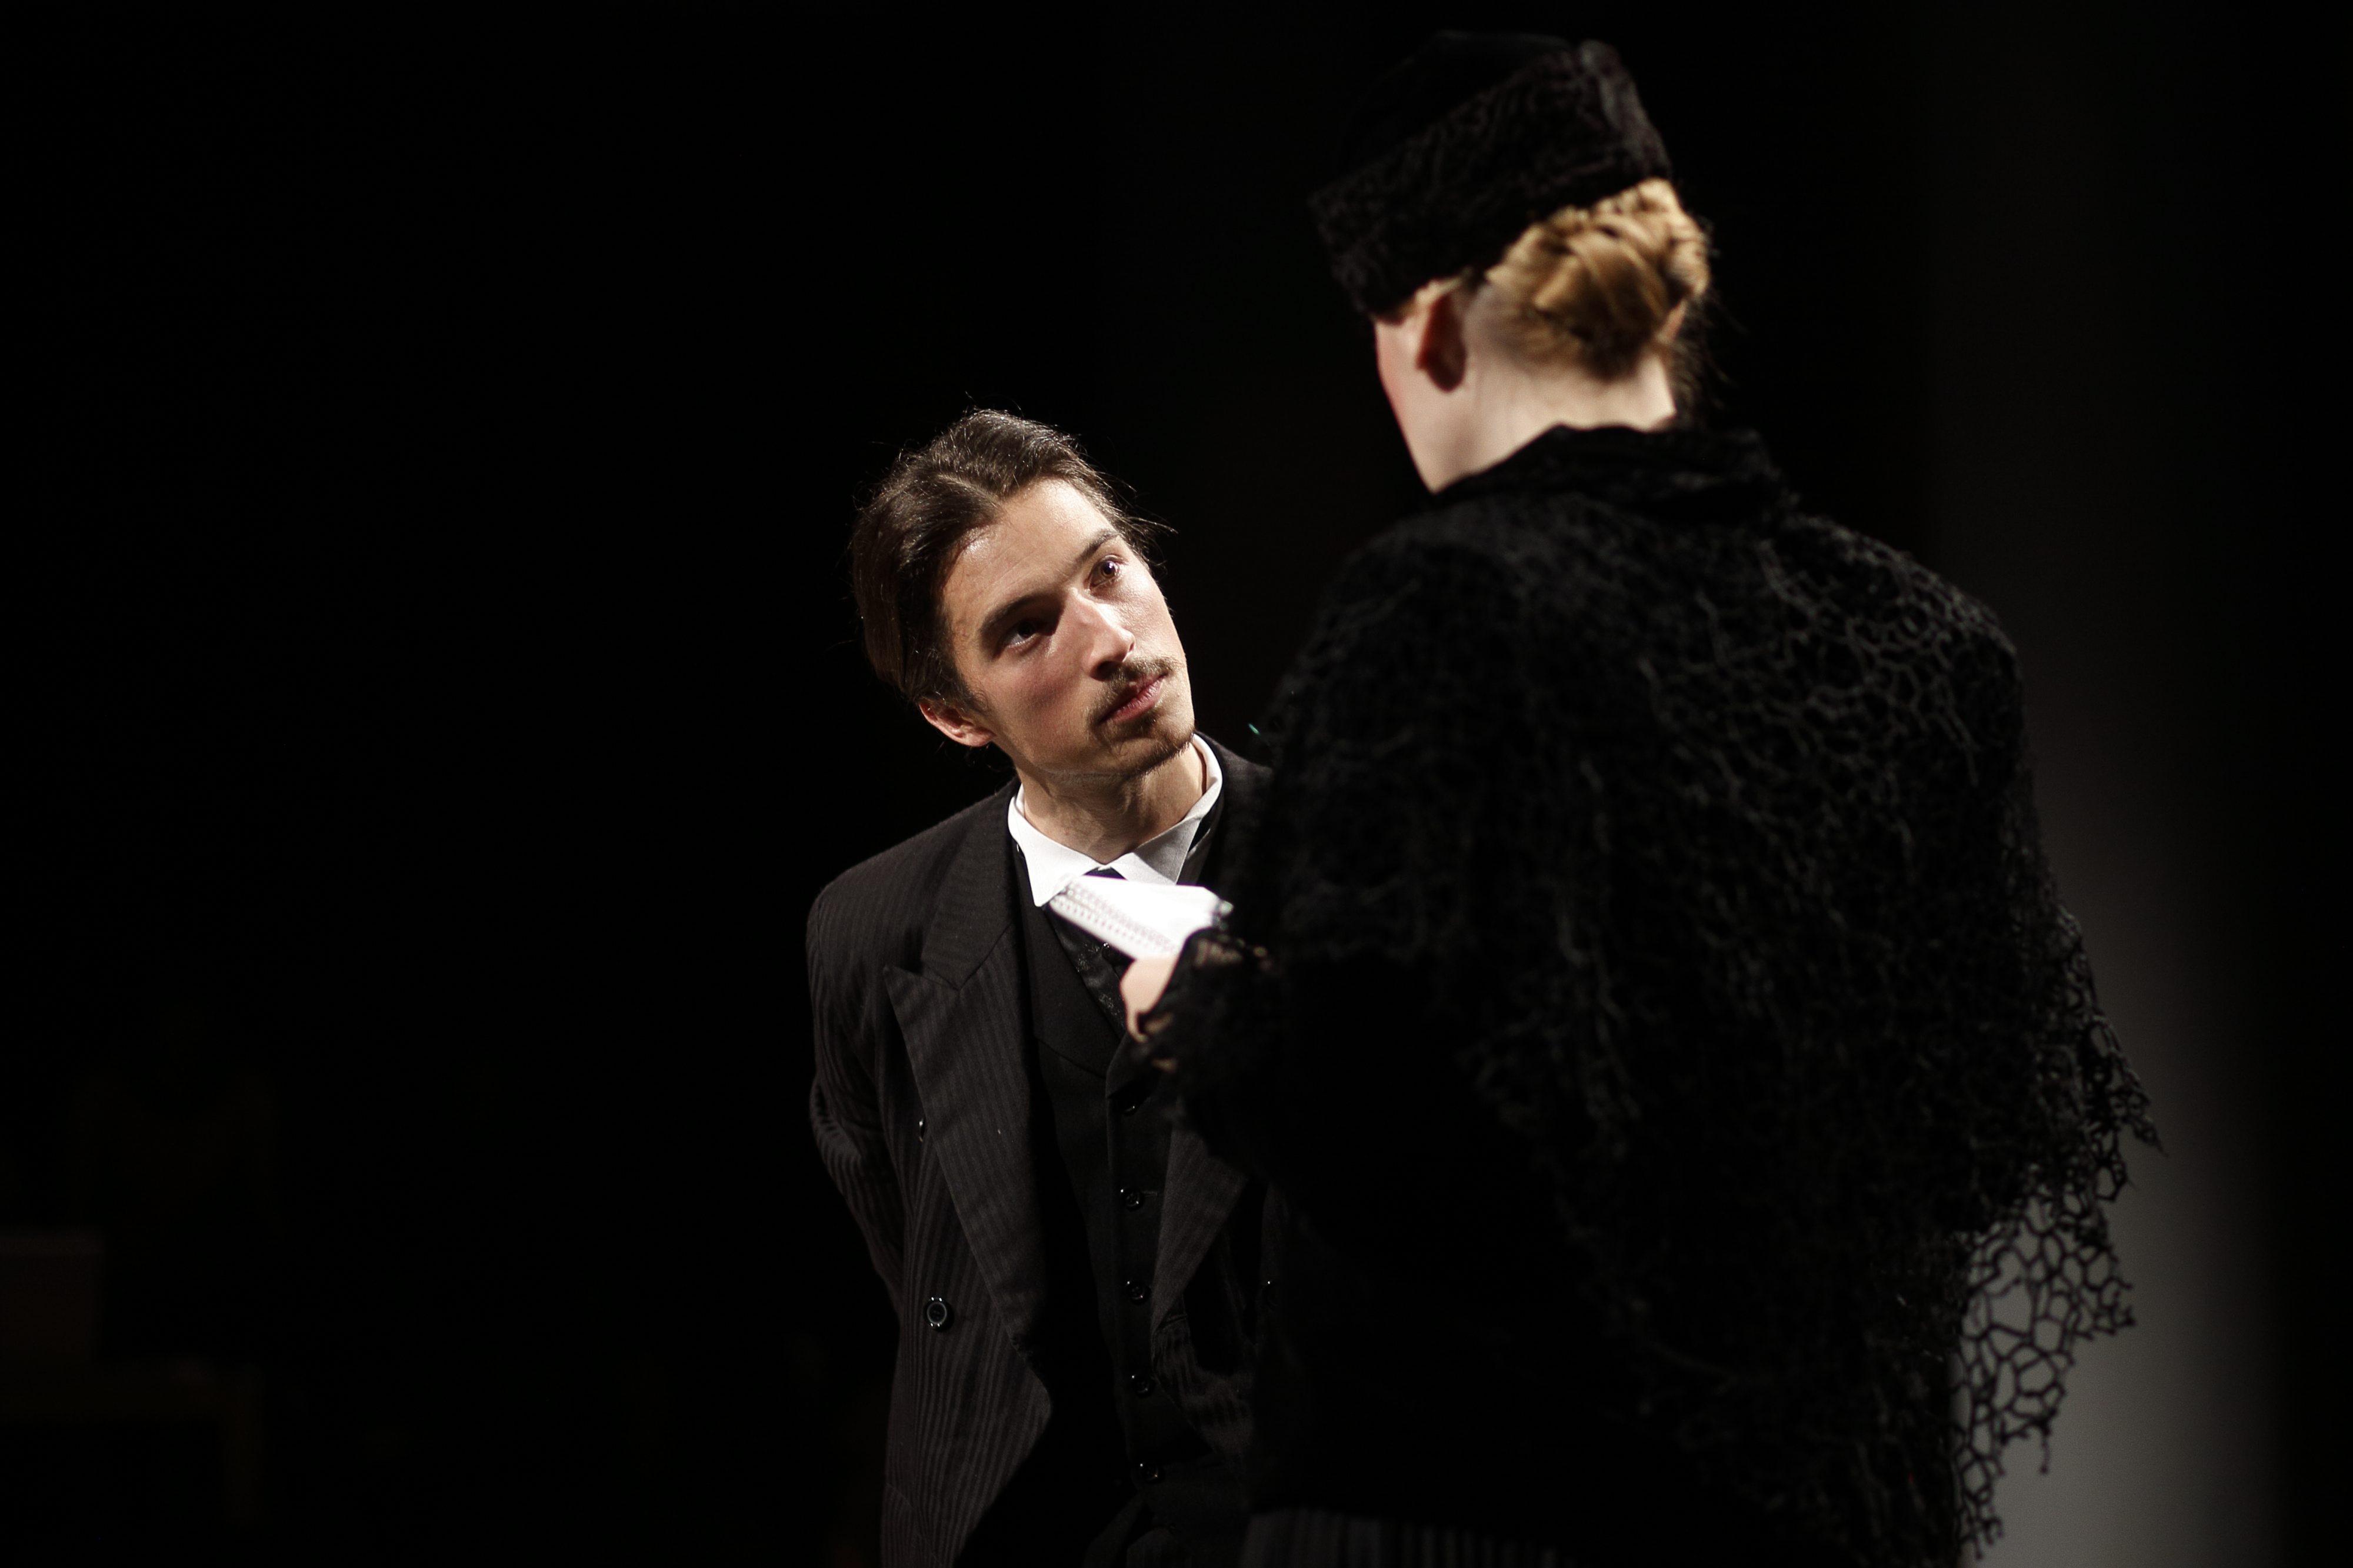 Glumac Marko Petric na generalnog probi predstave 'Tesla Anonimus' u Gavelli